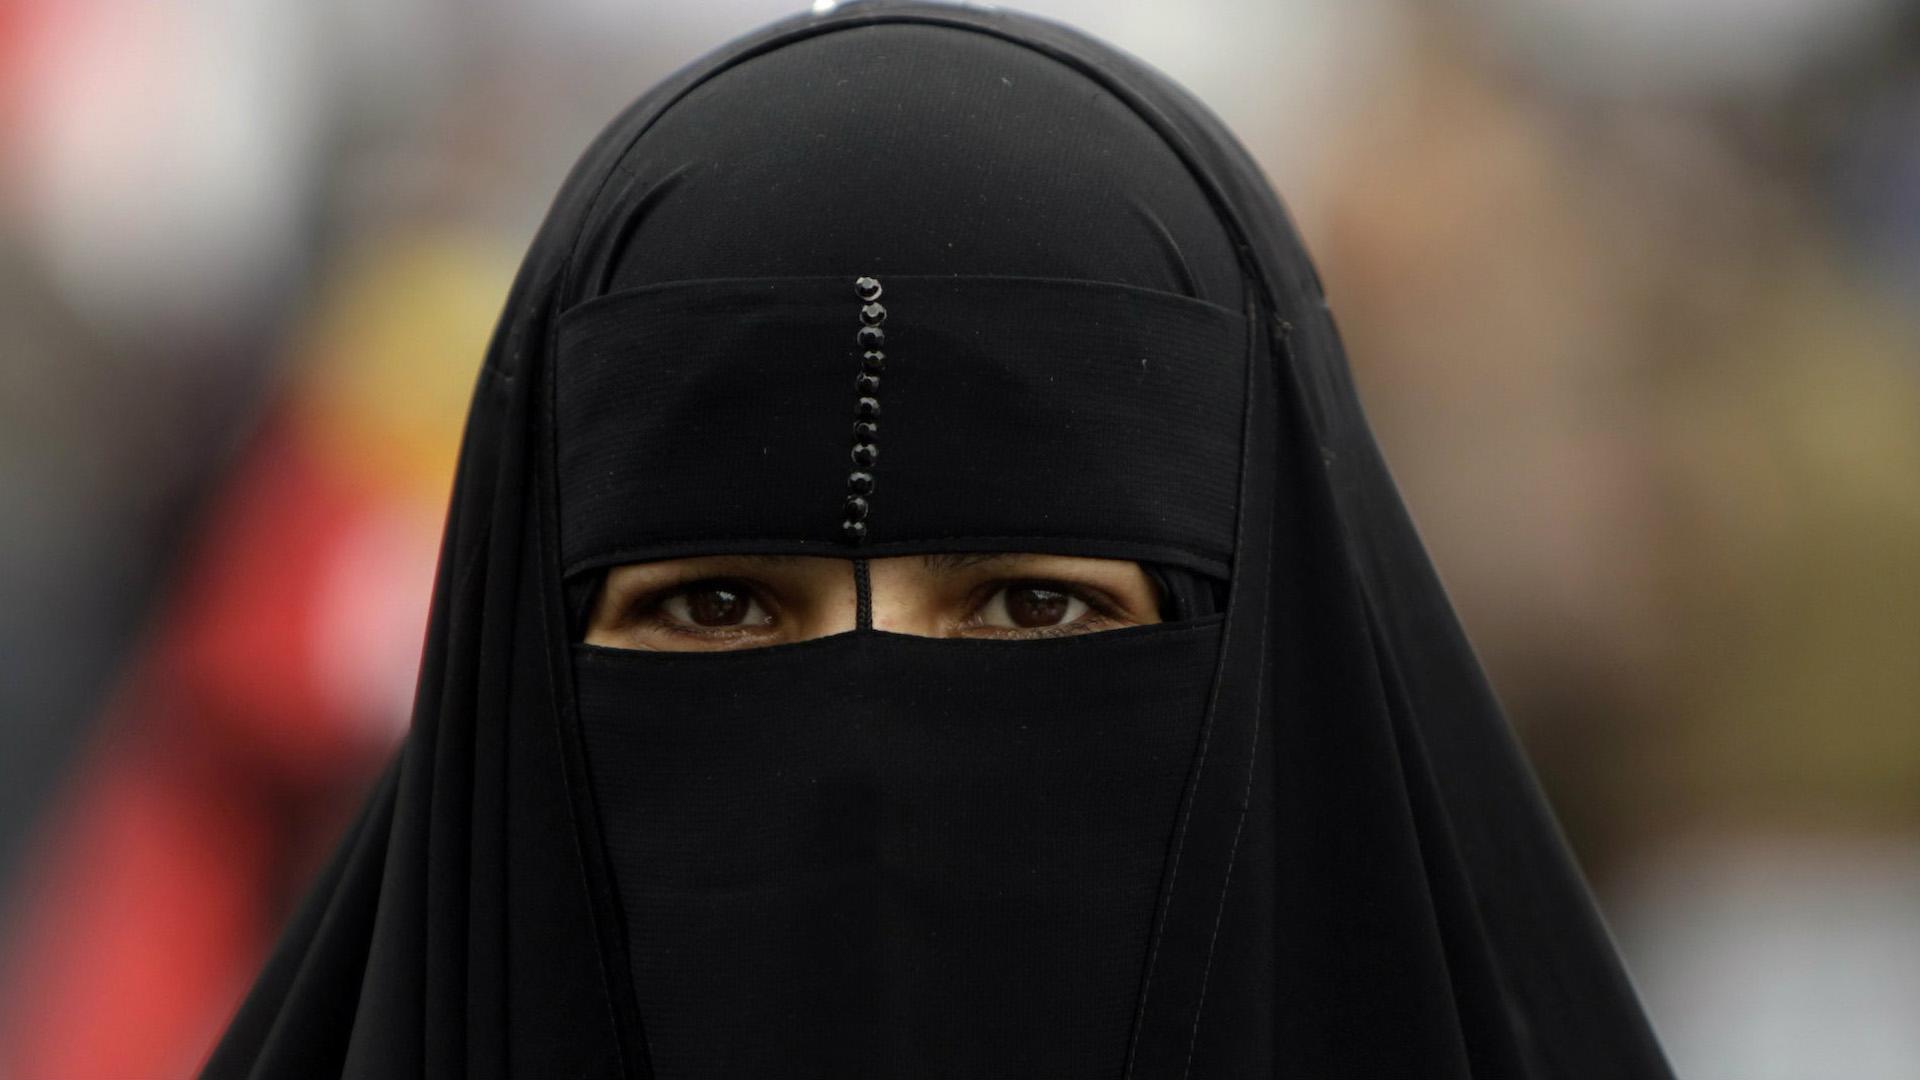 La fiscalía de Alemania no le permitió a una joven utilizar el velo que cubre el rostro en su totalidad mientras está en la escuela